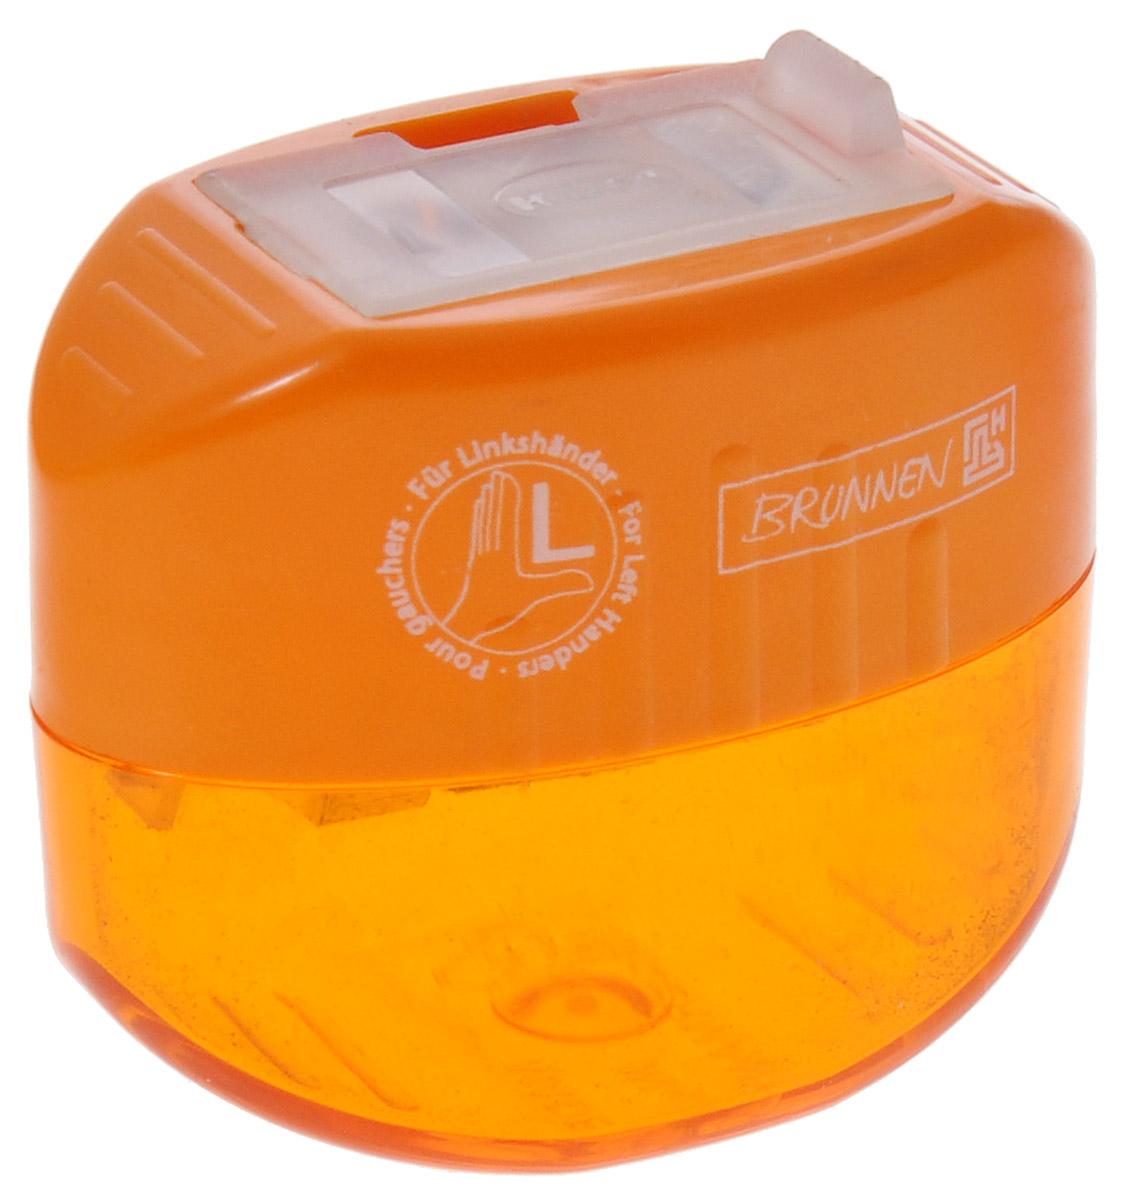 Brunnen Точилка двойная, для левшей, цвет: оранжевый263223Точилка двойная для левшей Brunnen, выполнена из прочного пластика.В точилке имеются два отверстия для карандашей разного диаметра, подходит для различных видов карандашей. Отверстия закрываются удобной пластиковой крышкой.Полупрозрачный контейнер для сбора стружки позволяет визуально контролировать уровень заполнения и вовремя производить очистку.